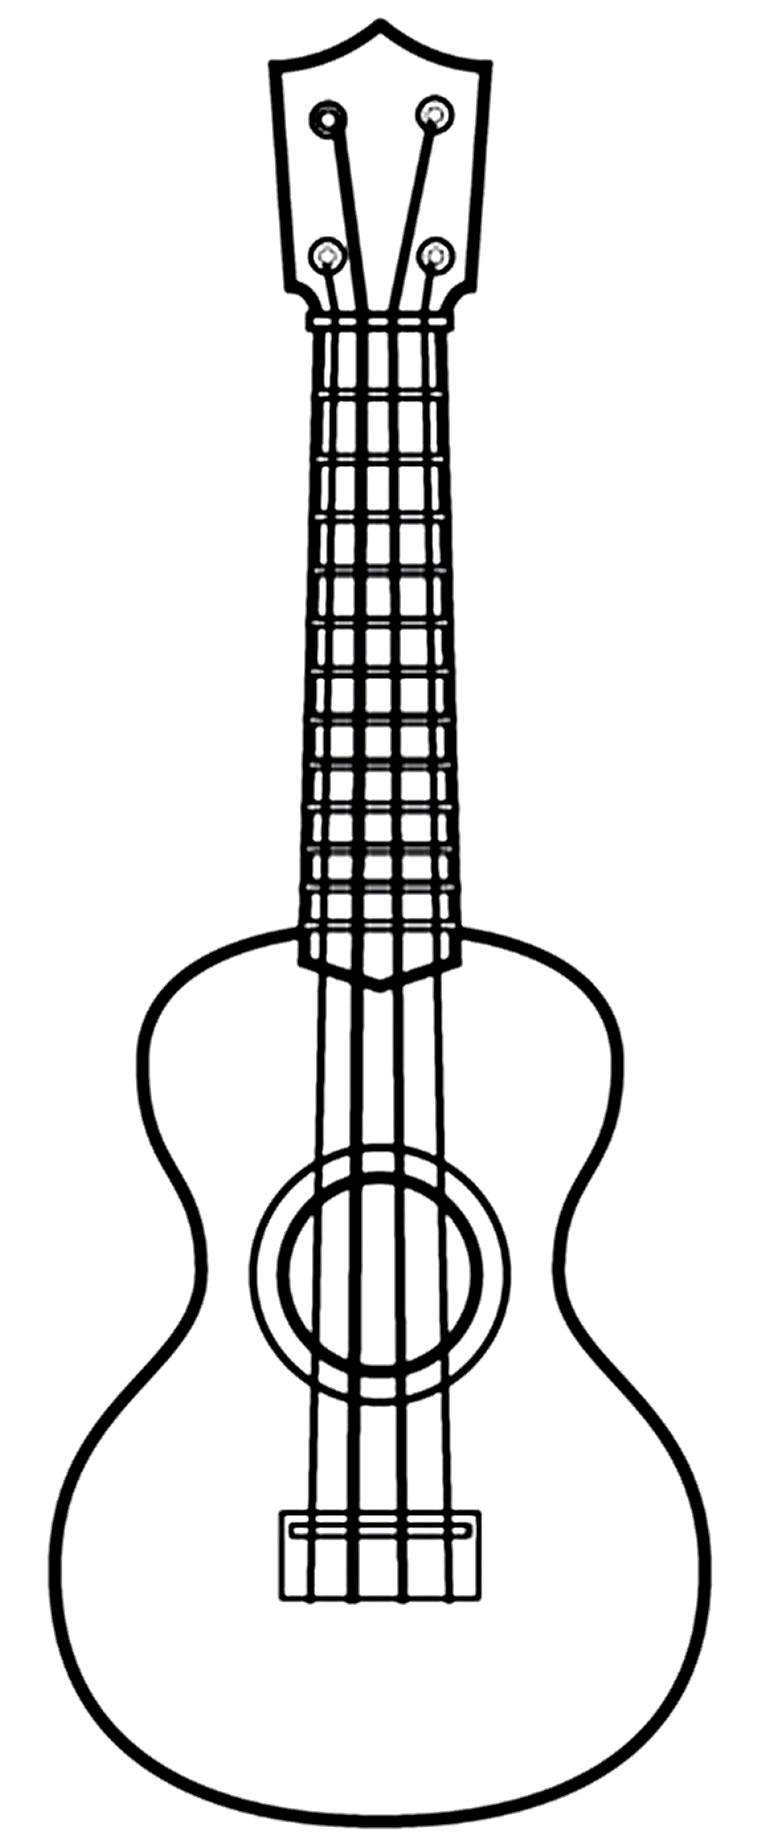 Molde de Violão para imprimir